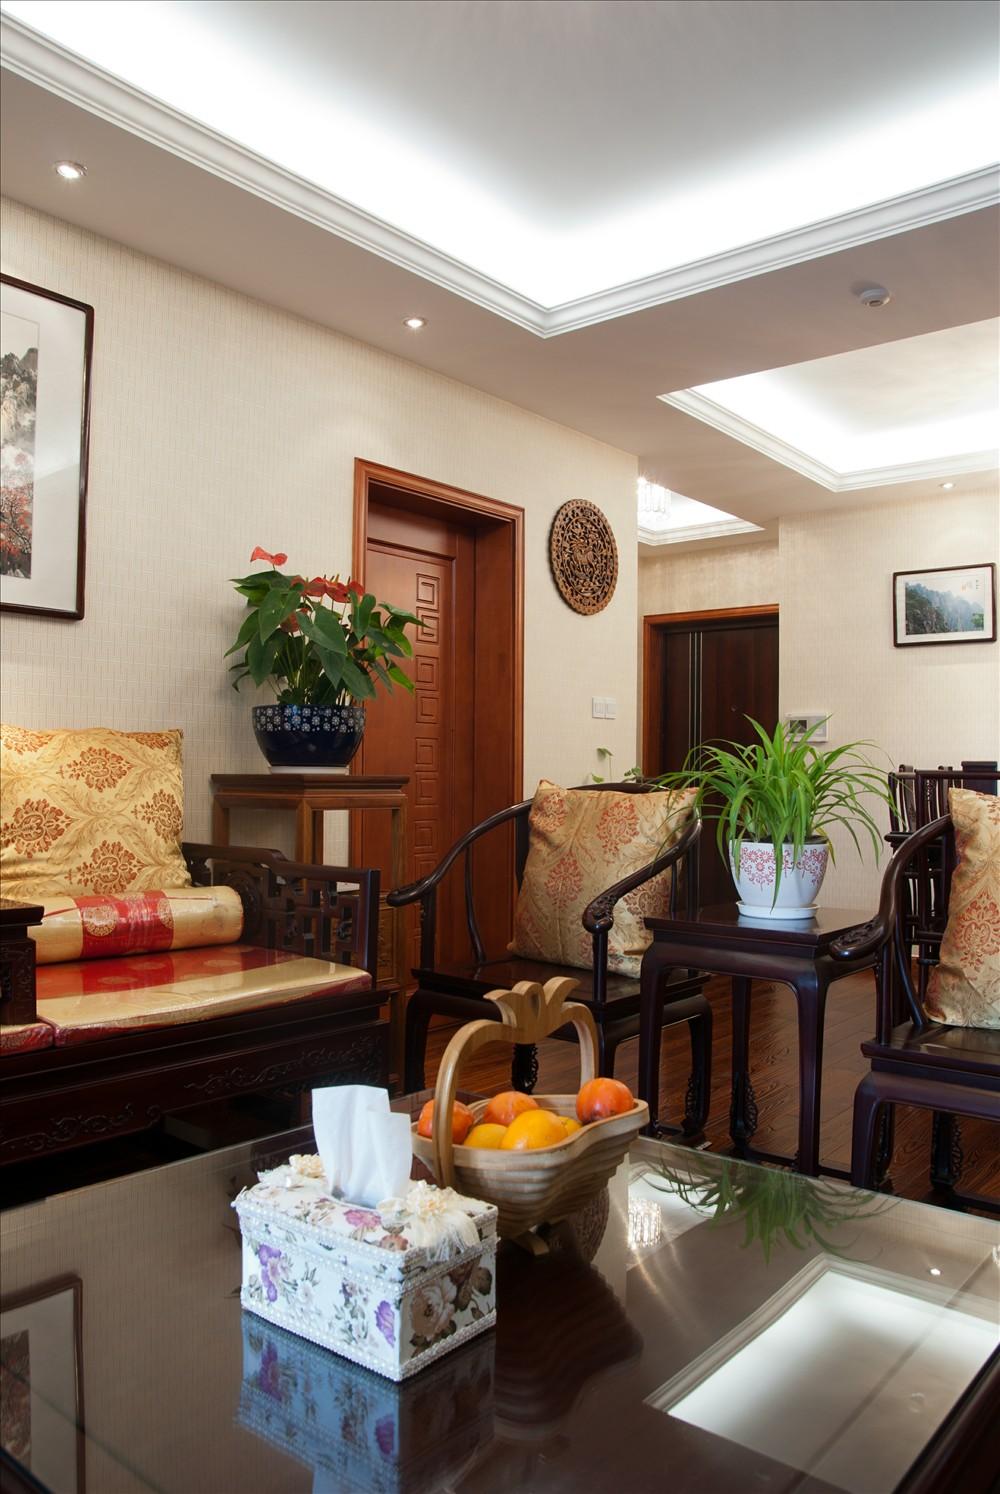 元洲 元洲装饰 美式风格 润泽公馆 北京装修 客厅图片来自元洲小贝在108平米中式风格的分享